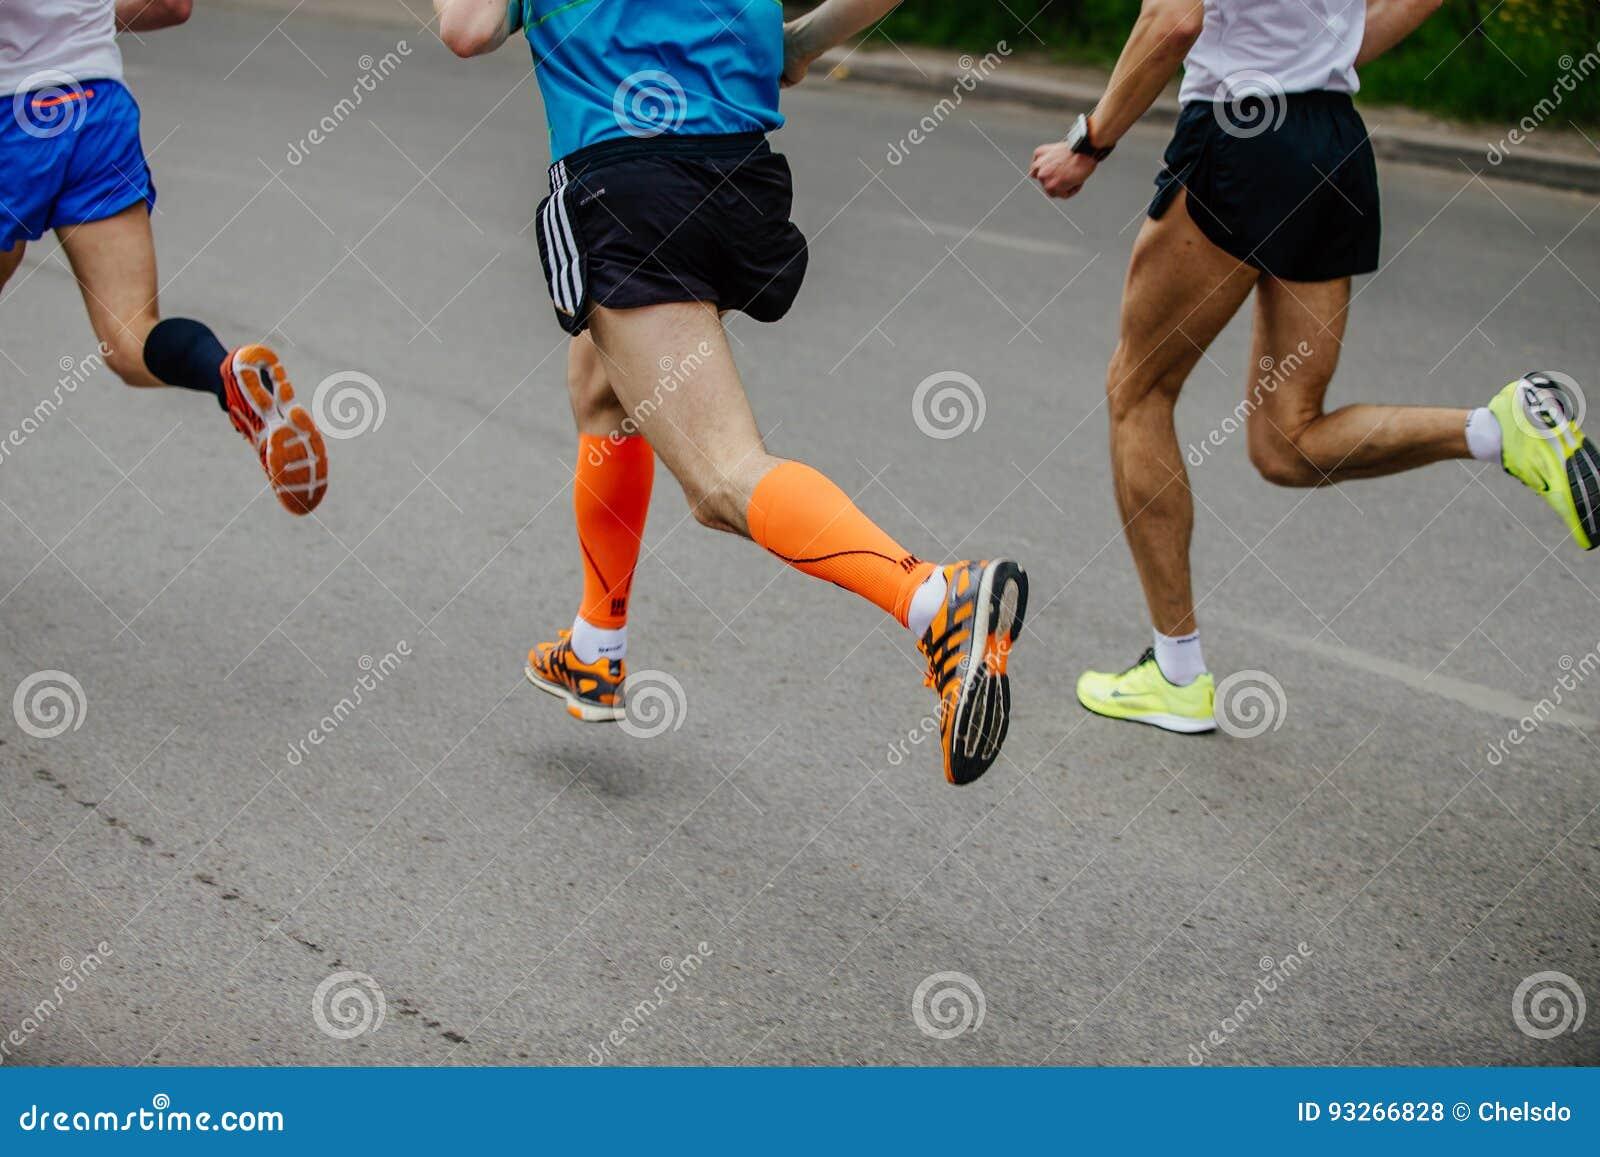 Achter drie mensenagent die op stadsstraat lopen